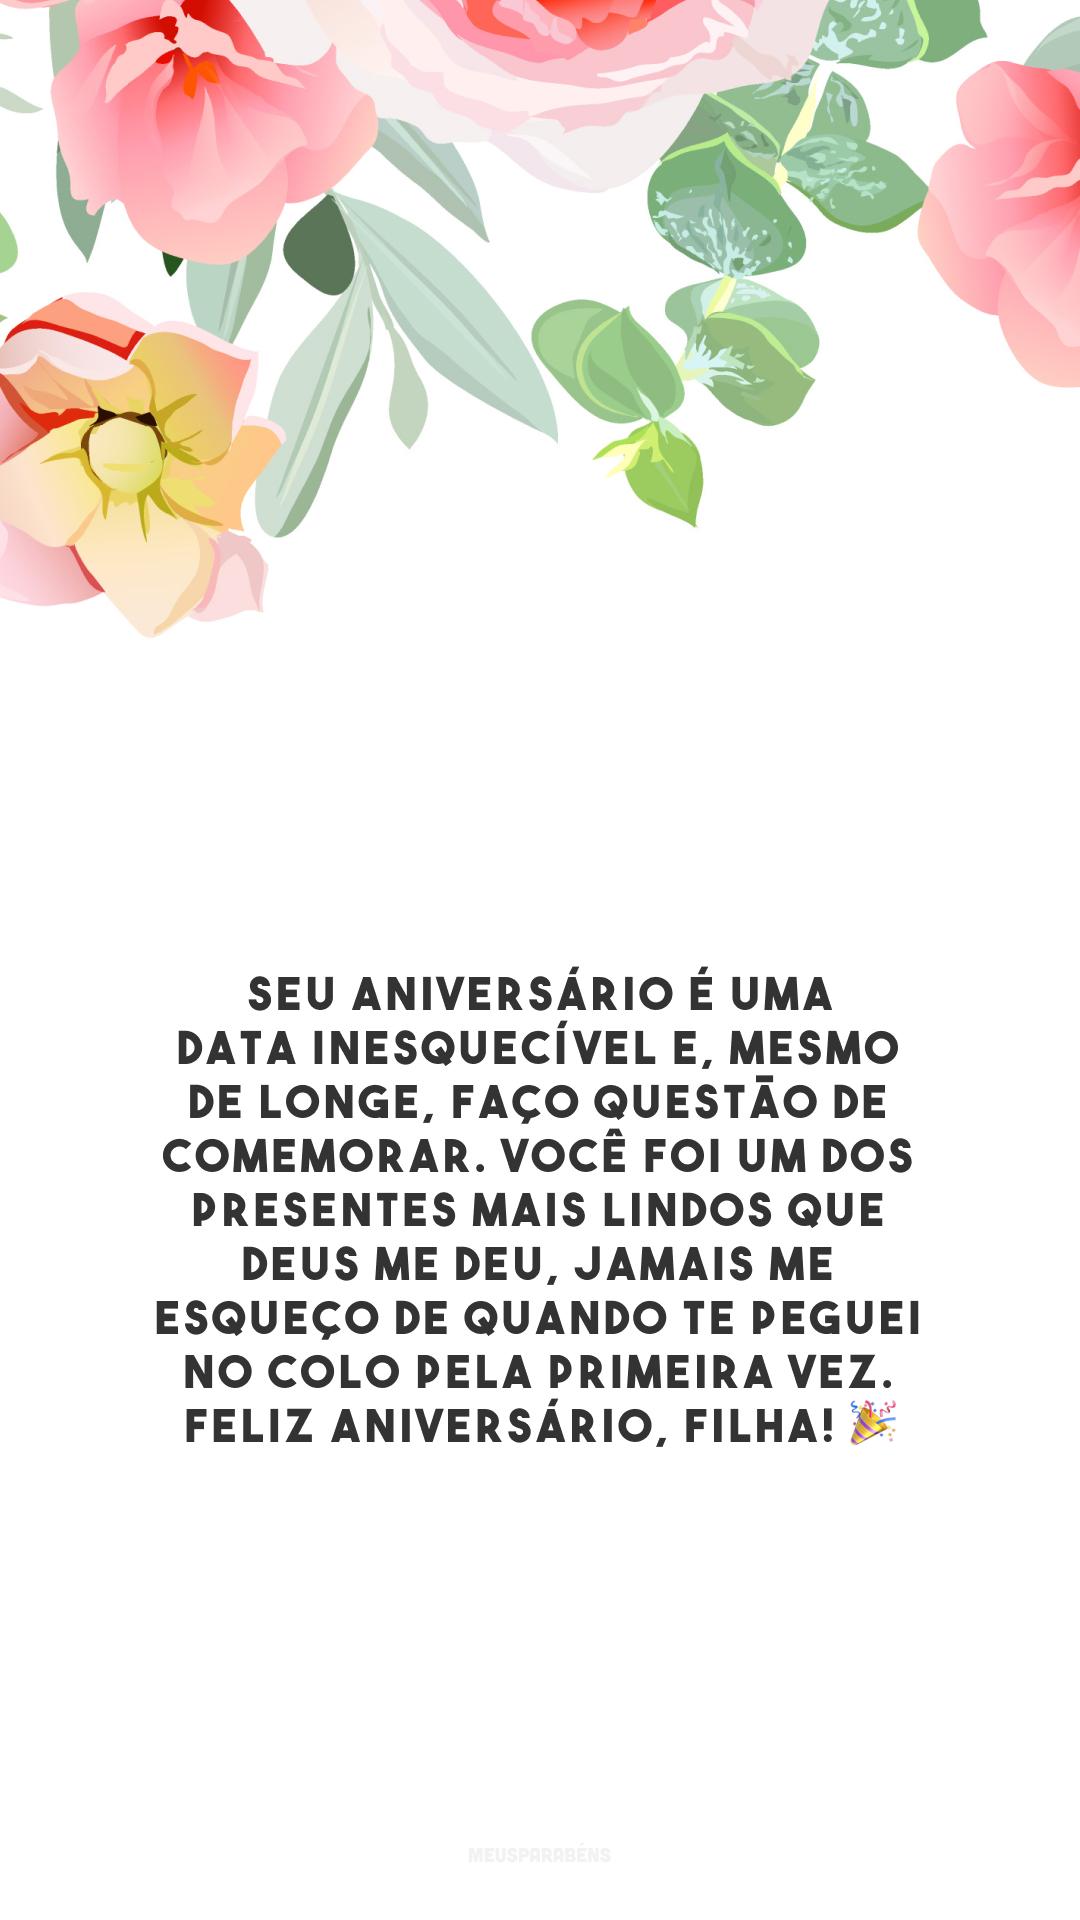 Seu aniversário é uma data inesquecível e, mesmo de longe, faço questão de comemorar. Você foi um dos presentes mais lindos que Deus me deu, jamais me esqueço de quando te peguei no colo pela primeira vez. Feliz aniversário, filha! 🎉